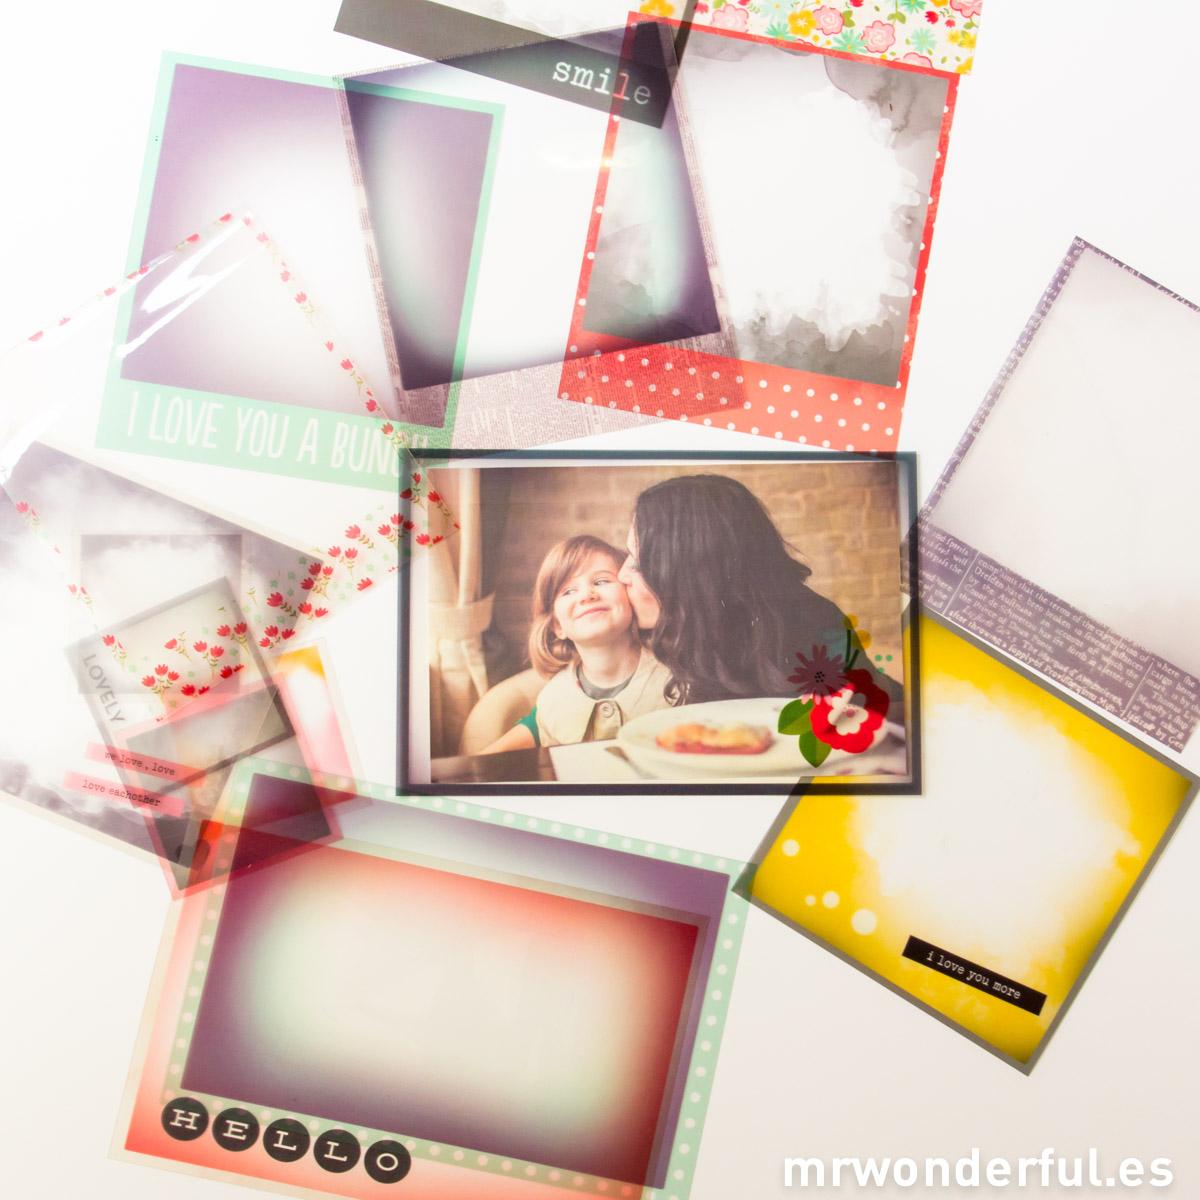 mrwonderful_732280_surtido-16-capas-fotos-efectos-7